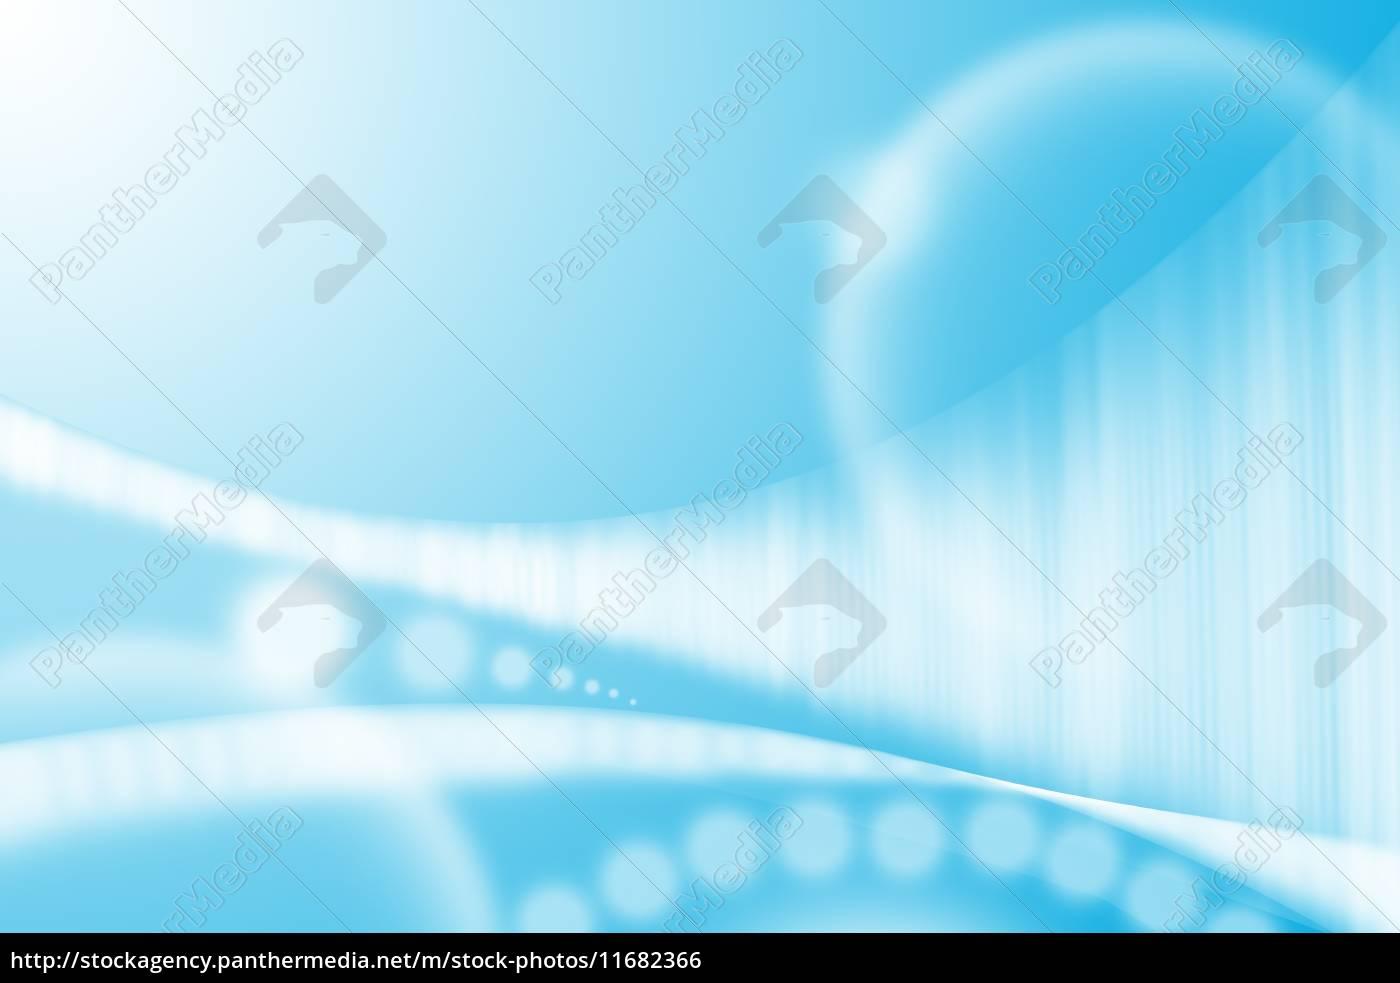 grafik, von, farbenfroher, abstraktem, design, für - 11682366